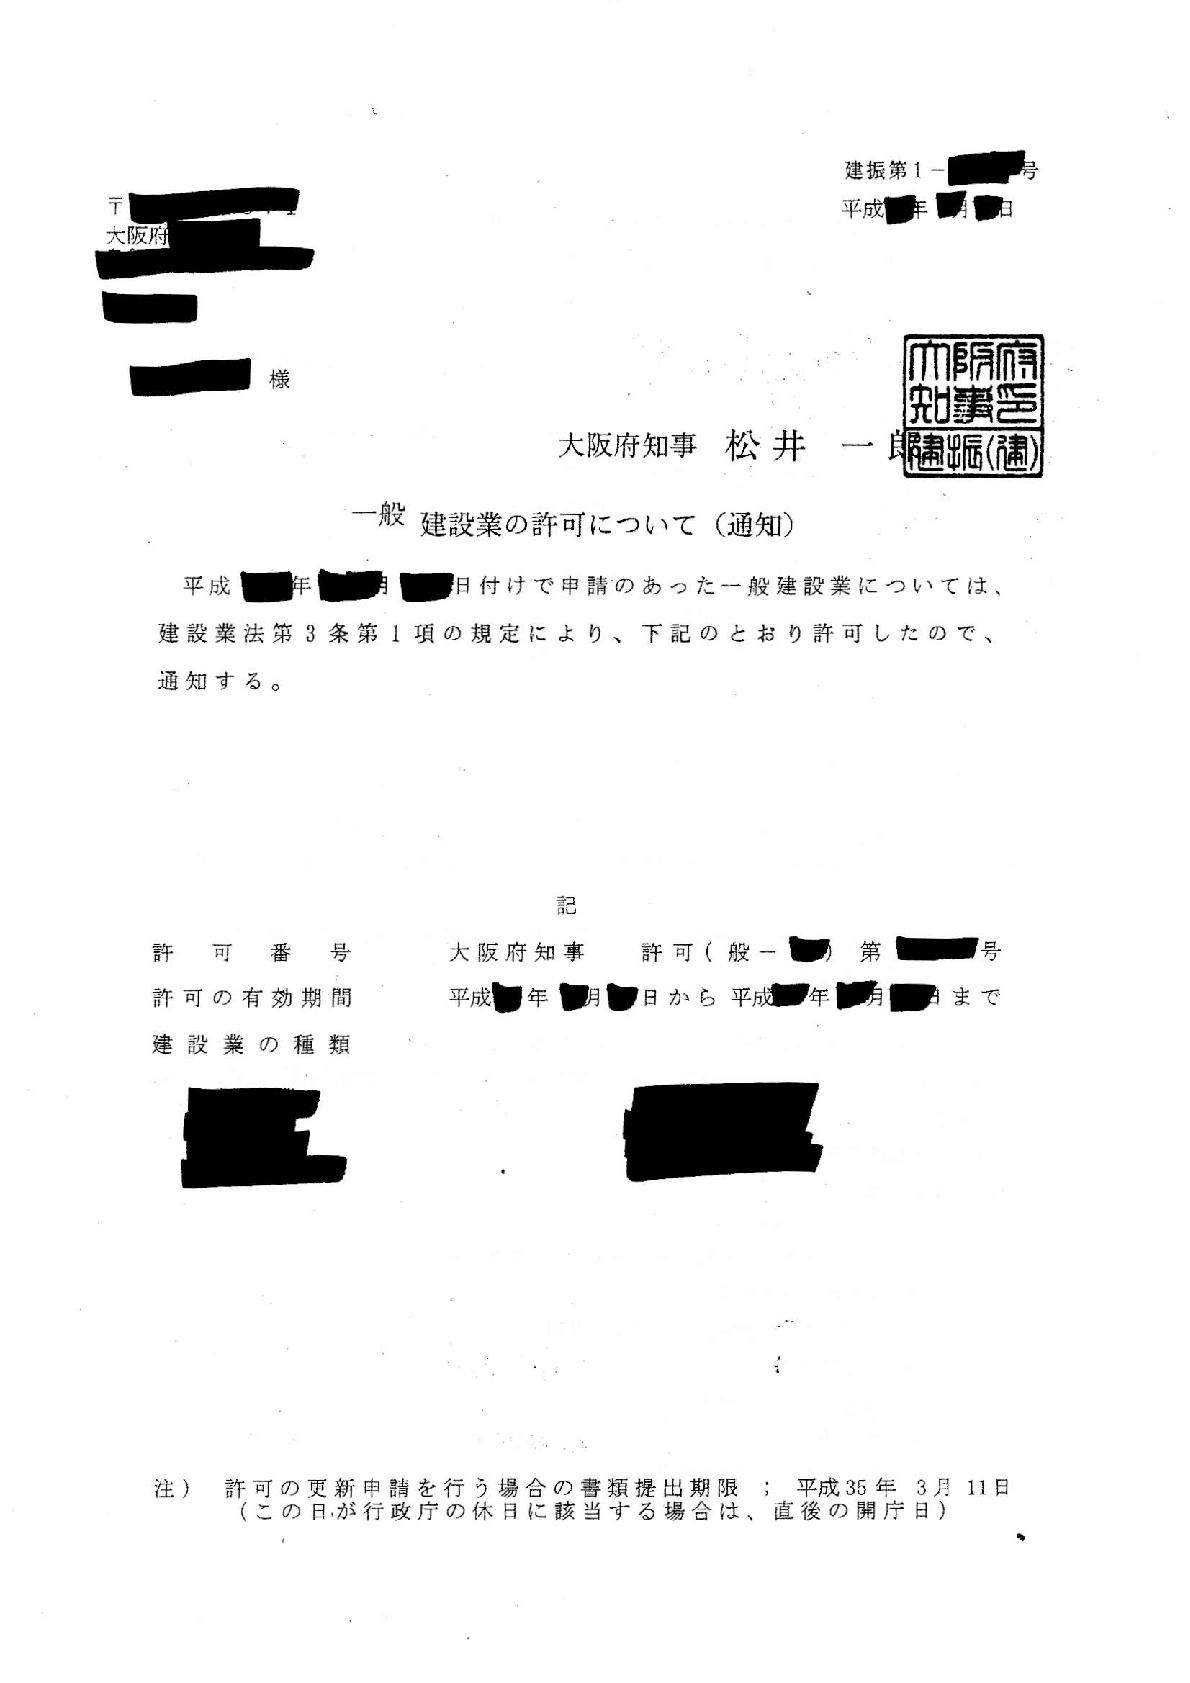 大阪府知事 土木工事業許可他7業種分 個人事業主様